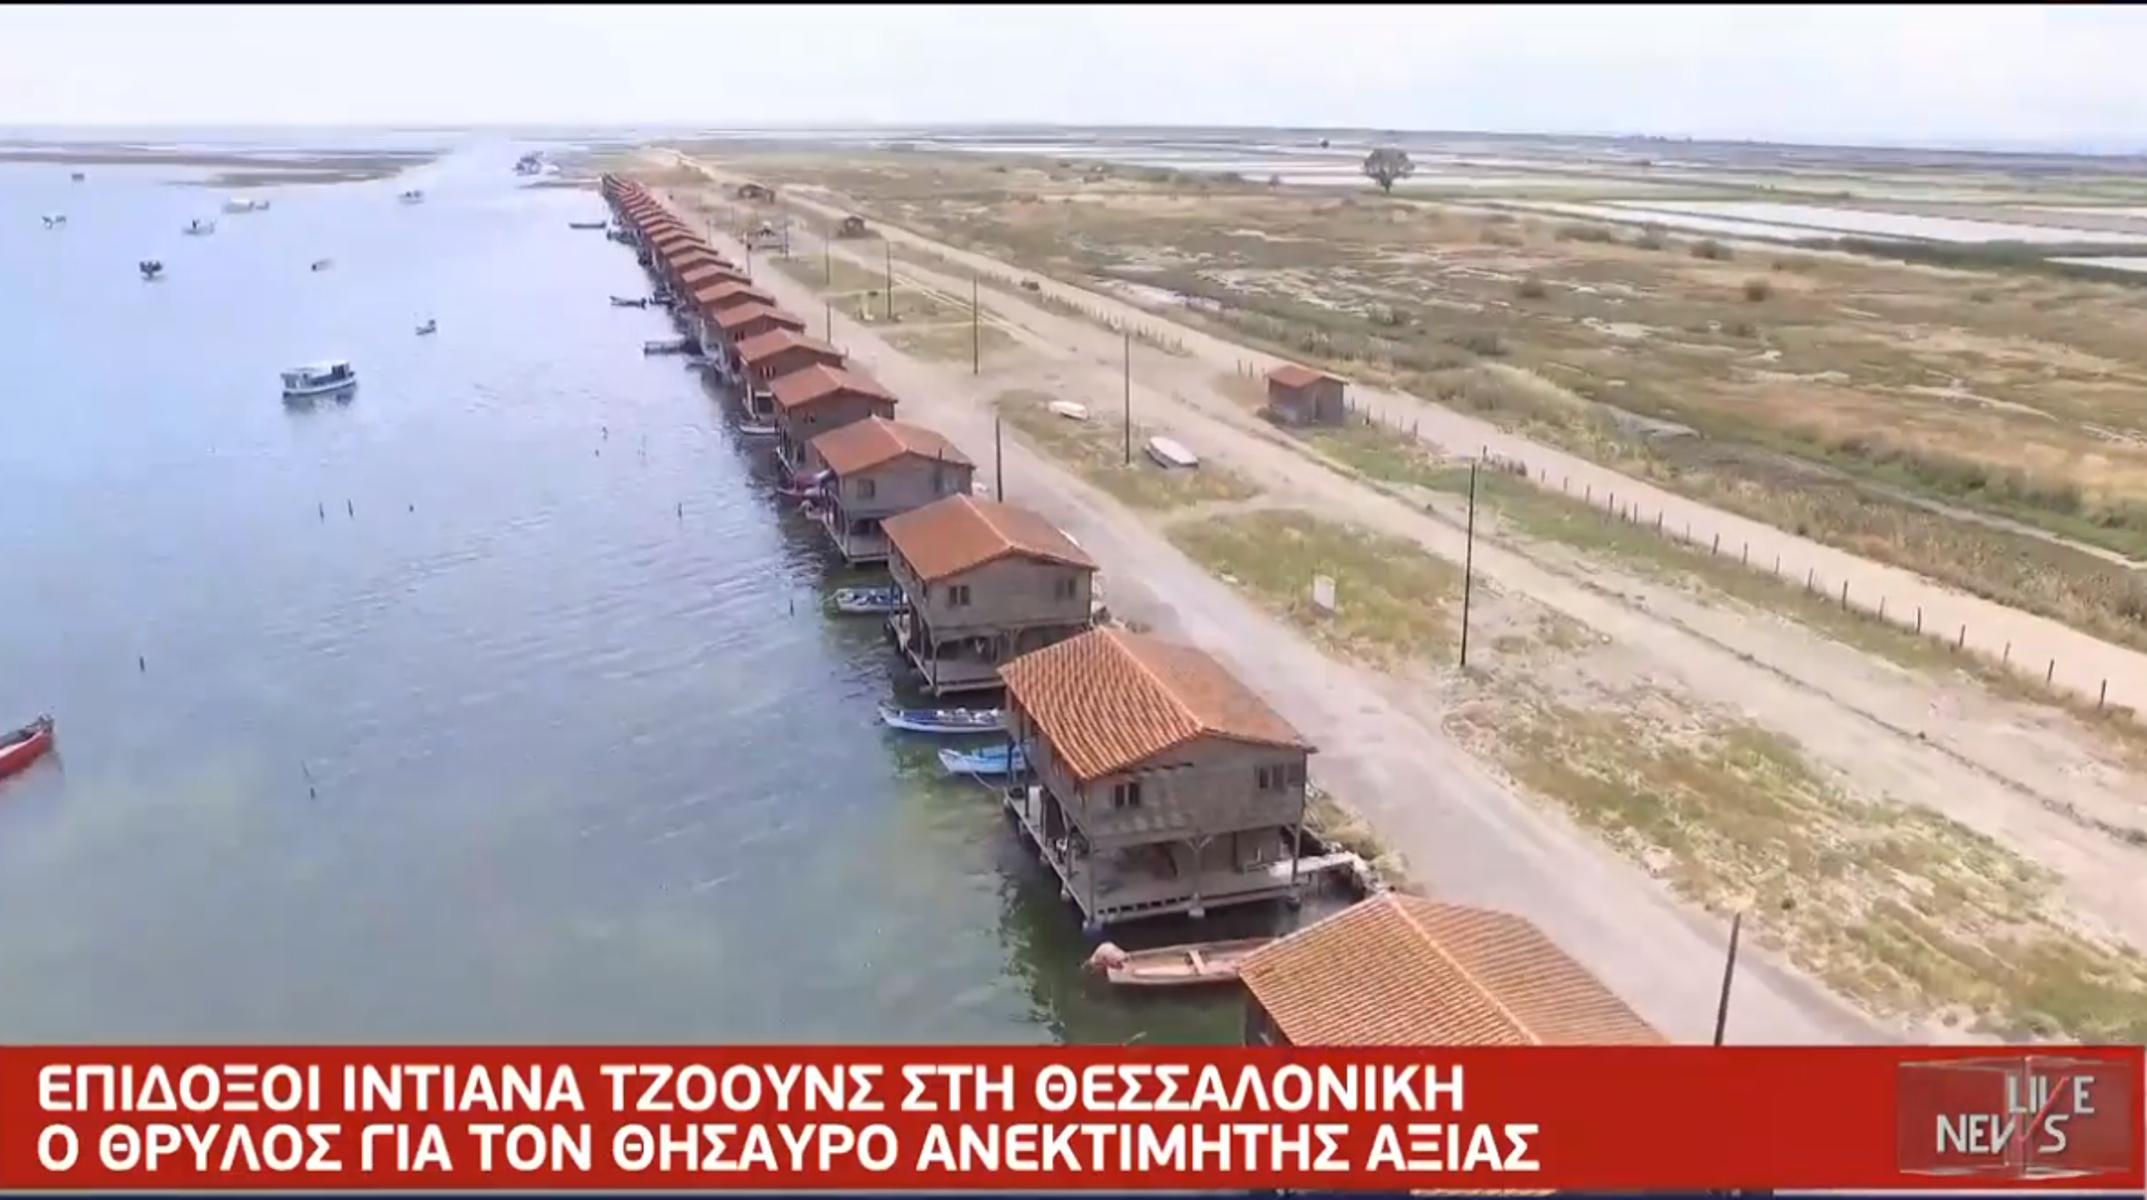 Θεσσαλονίκη: Στο κυνήγι του χαμένου θησαυρού – Ψάχνουν σεντούκι με λίρες που έπεσε από αεροπλάνο